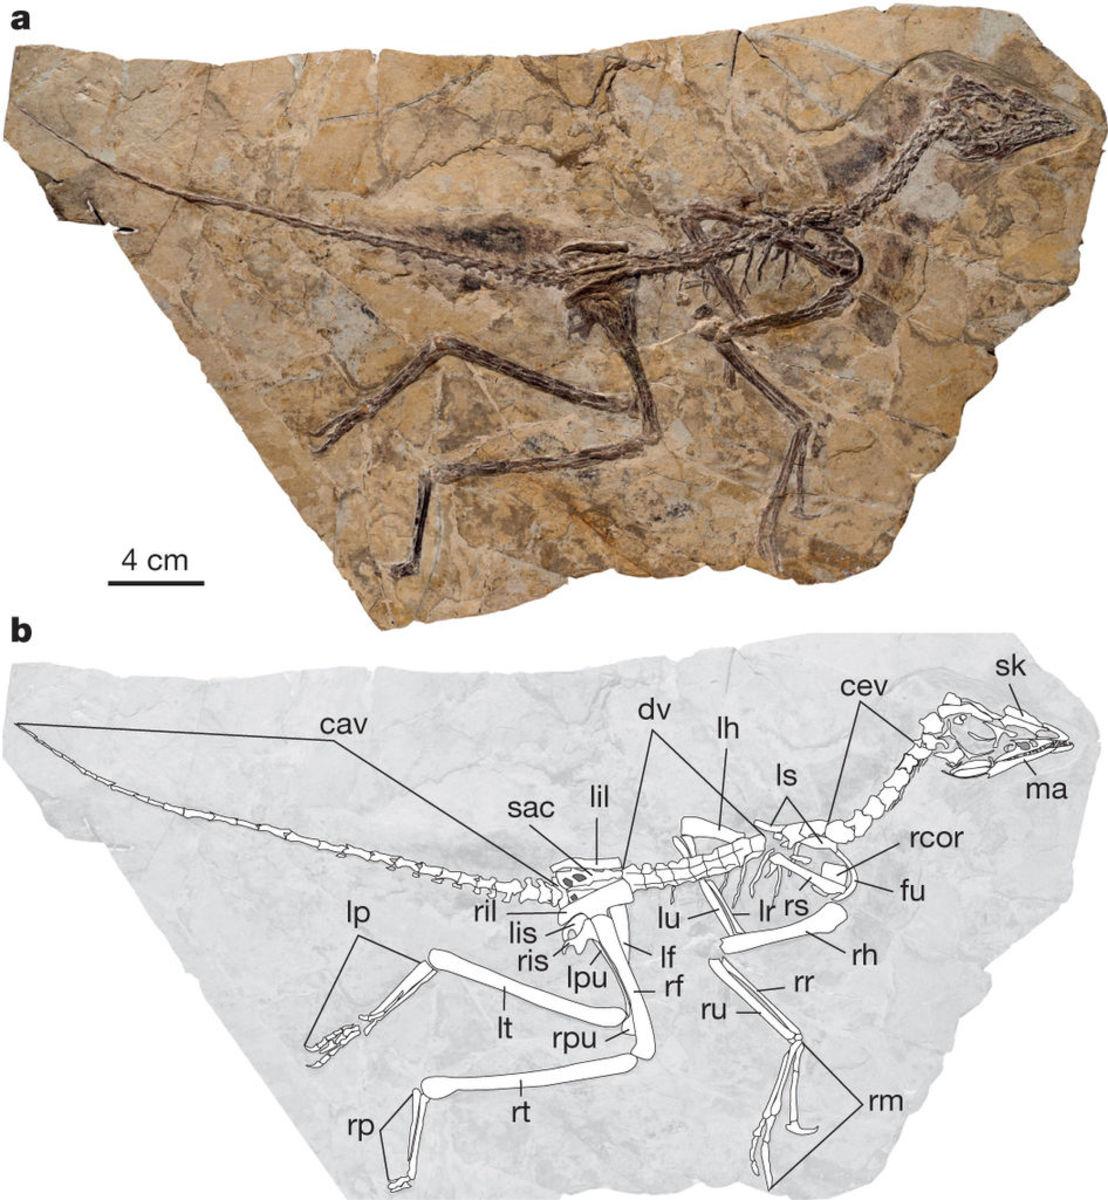 Aurornis original specimen and skeletal diagram.